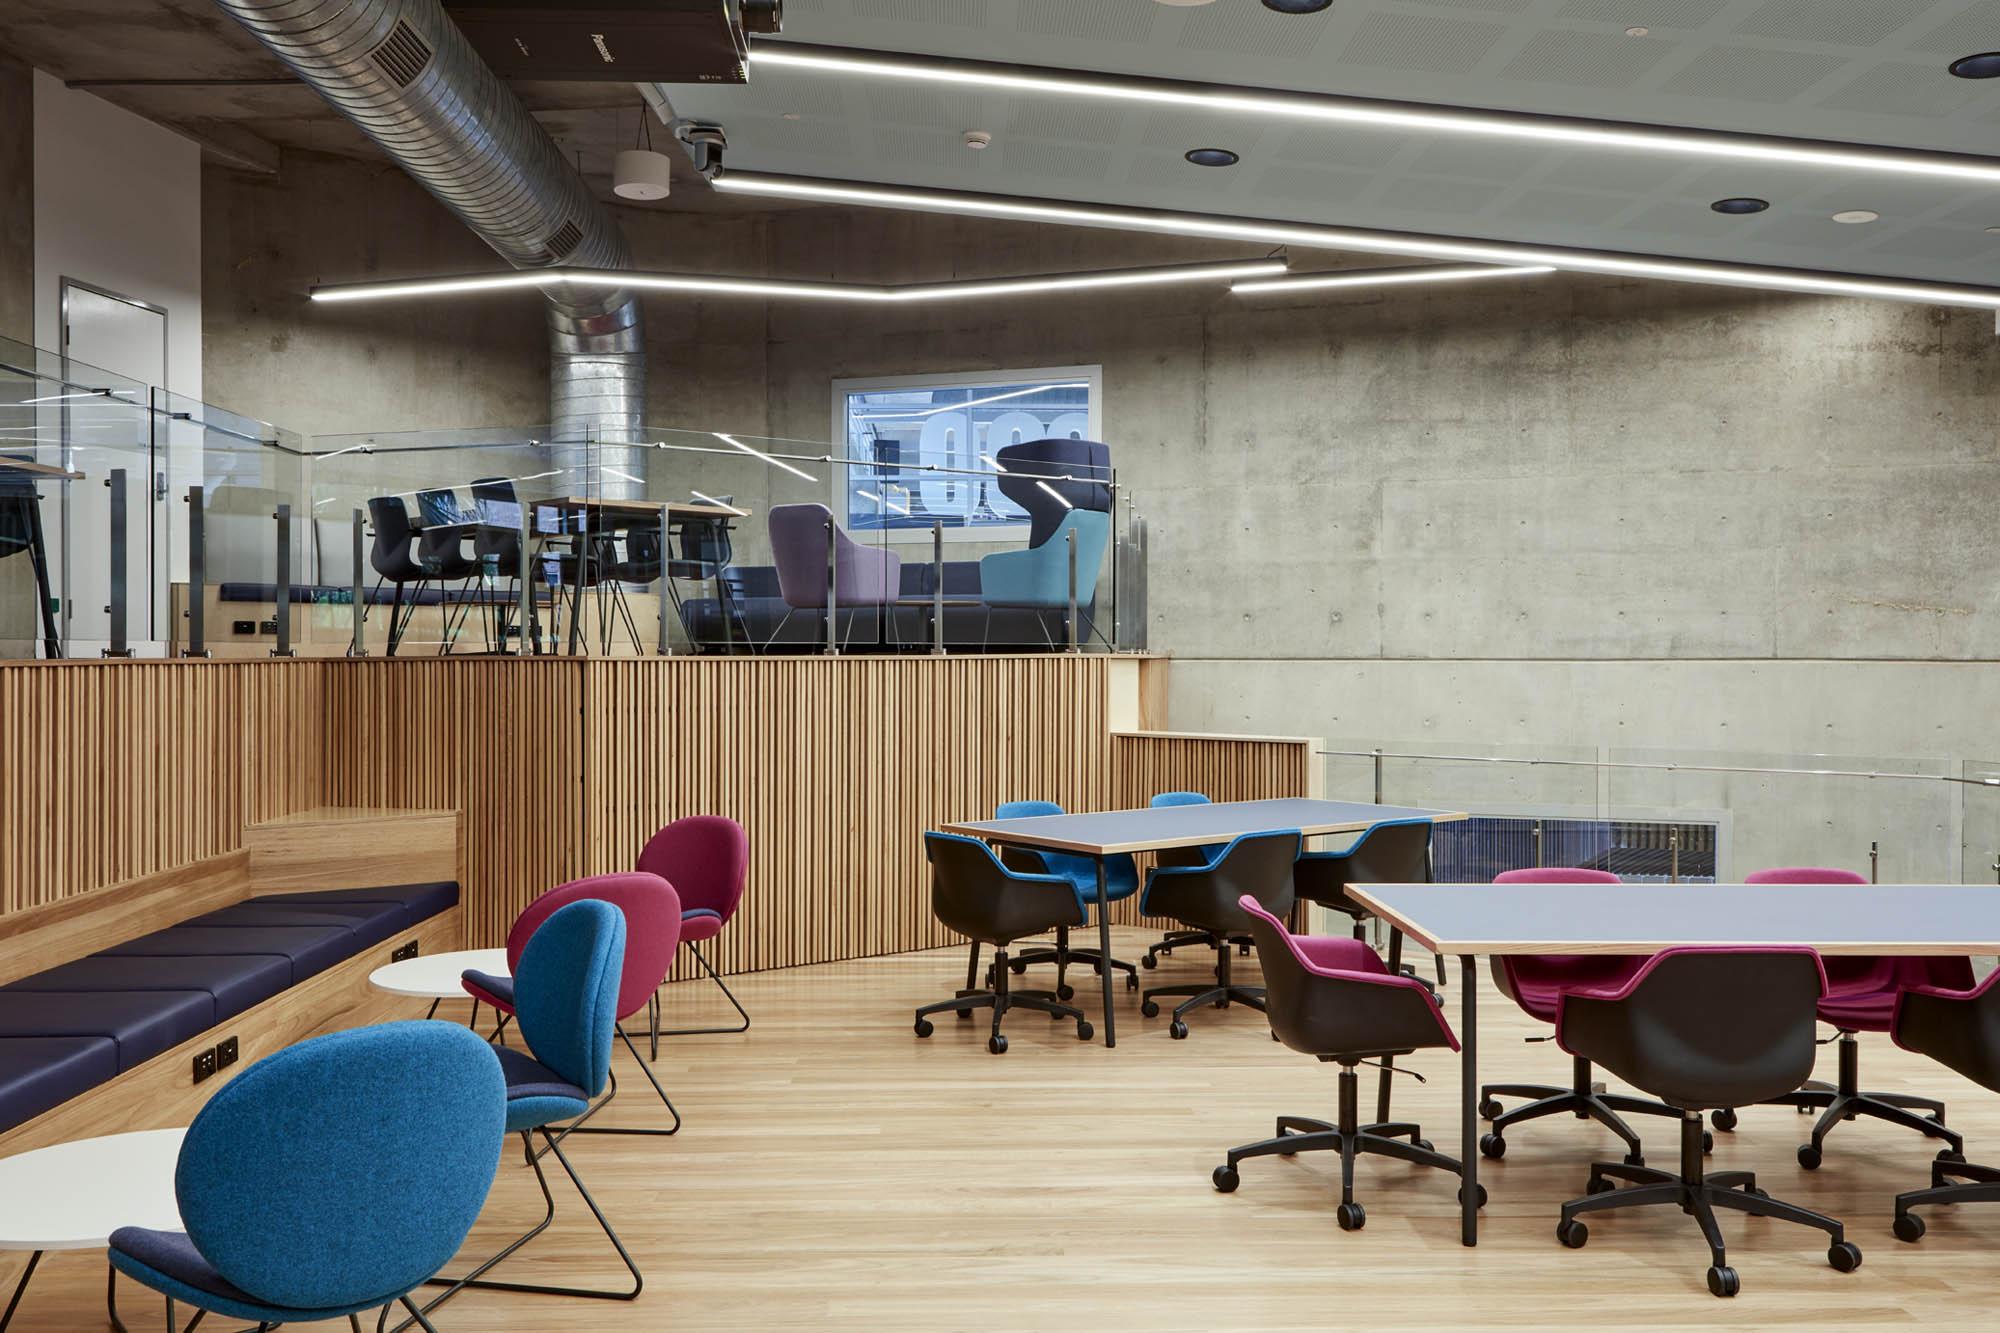 qut d101 theatre brisbane fitout study desks